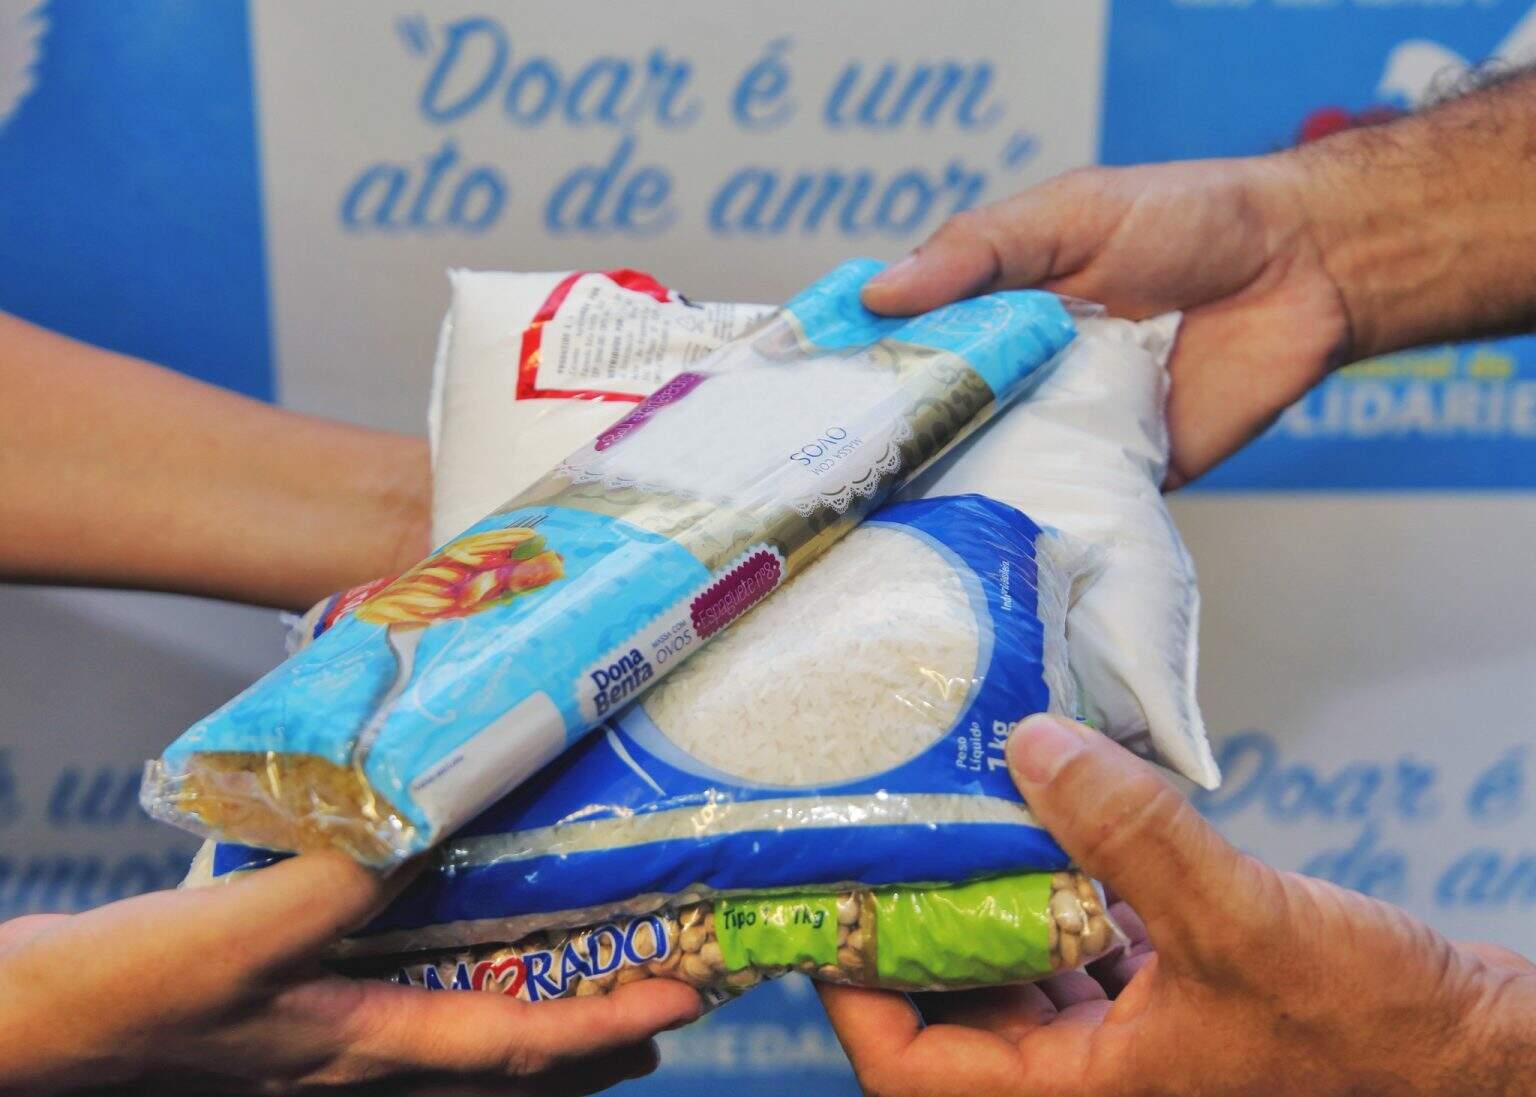 Os donativos são repassados às entidades cadastradas à medida que o FSS recebe as doações